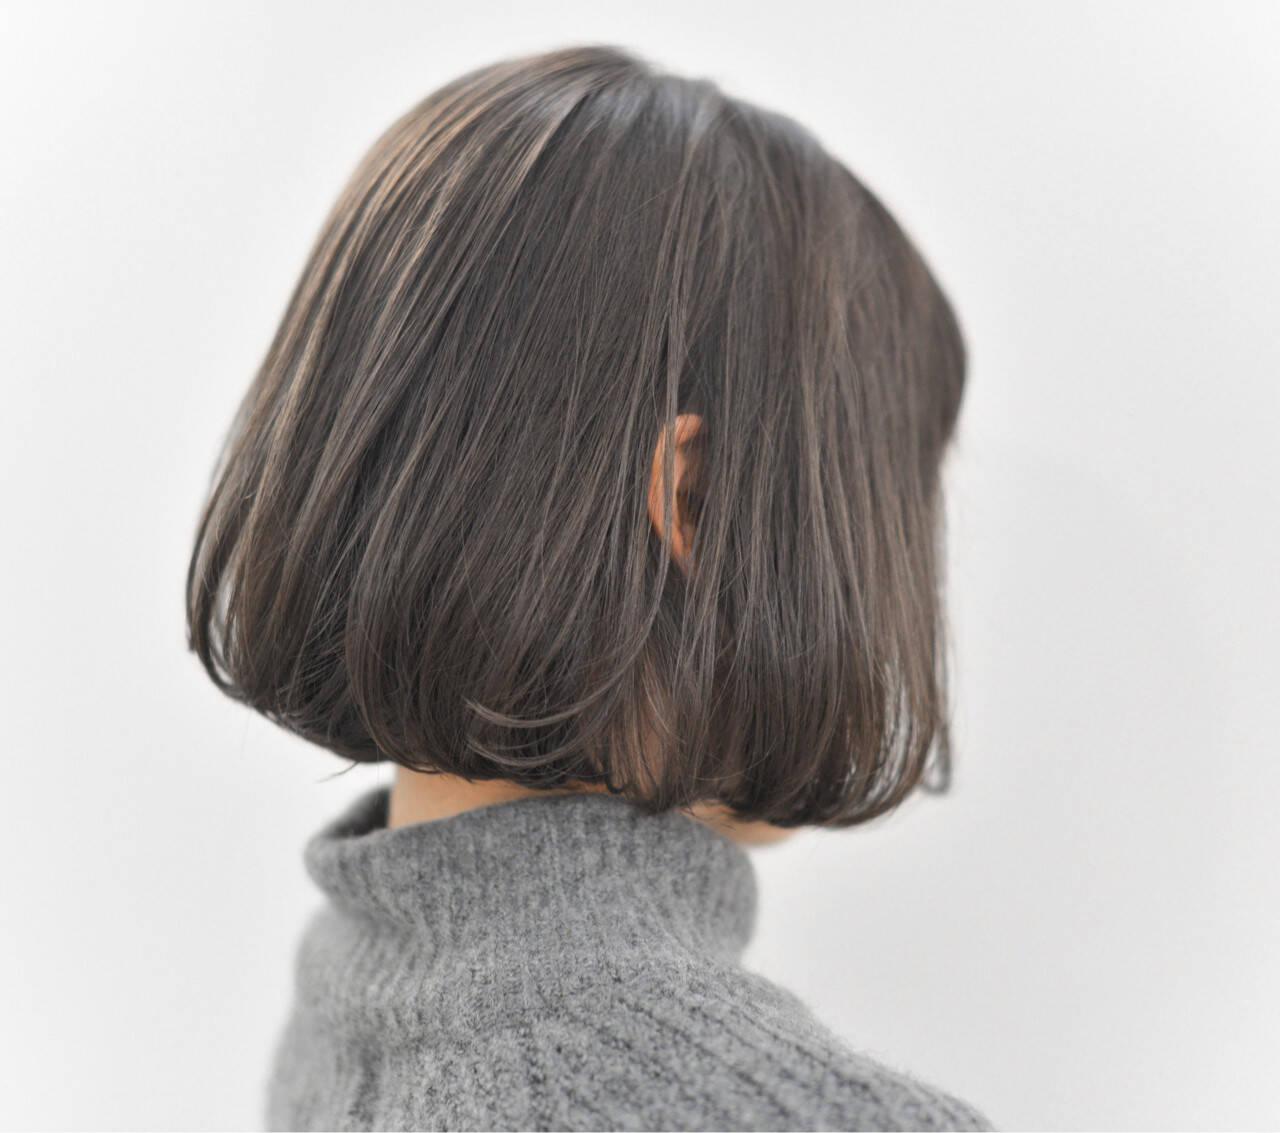 ボブ アッシュ 冬 外国人風ヘアスタイルや髪型の写真・画像